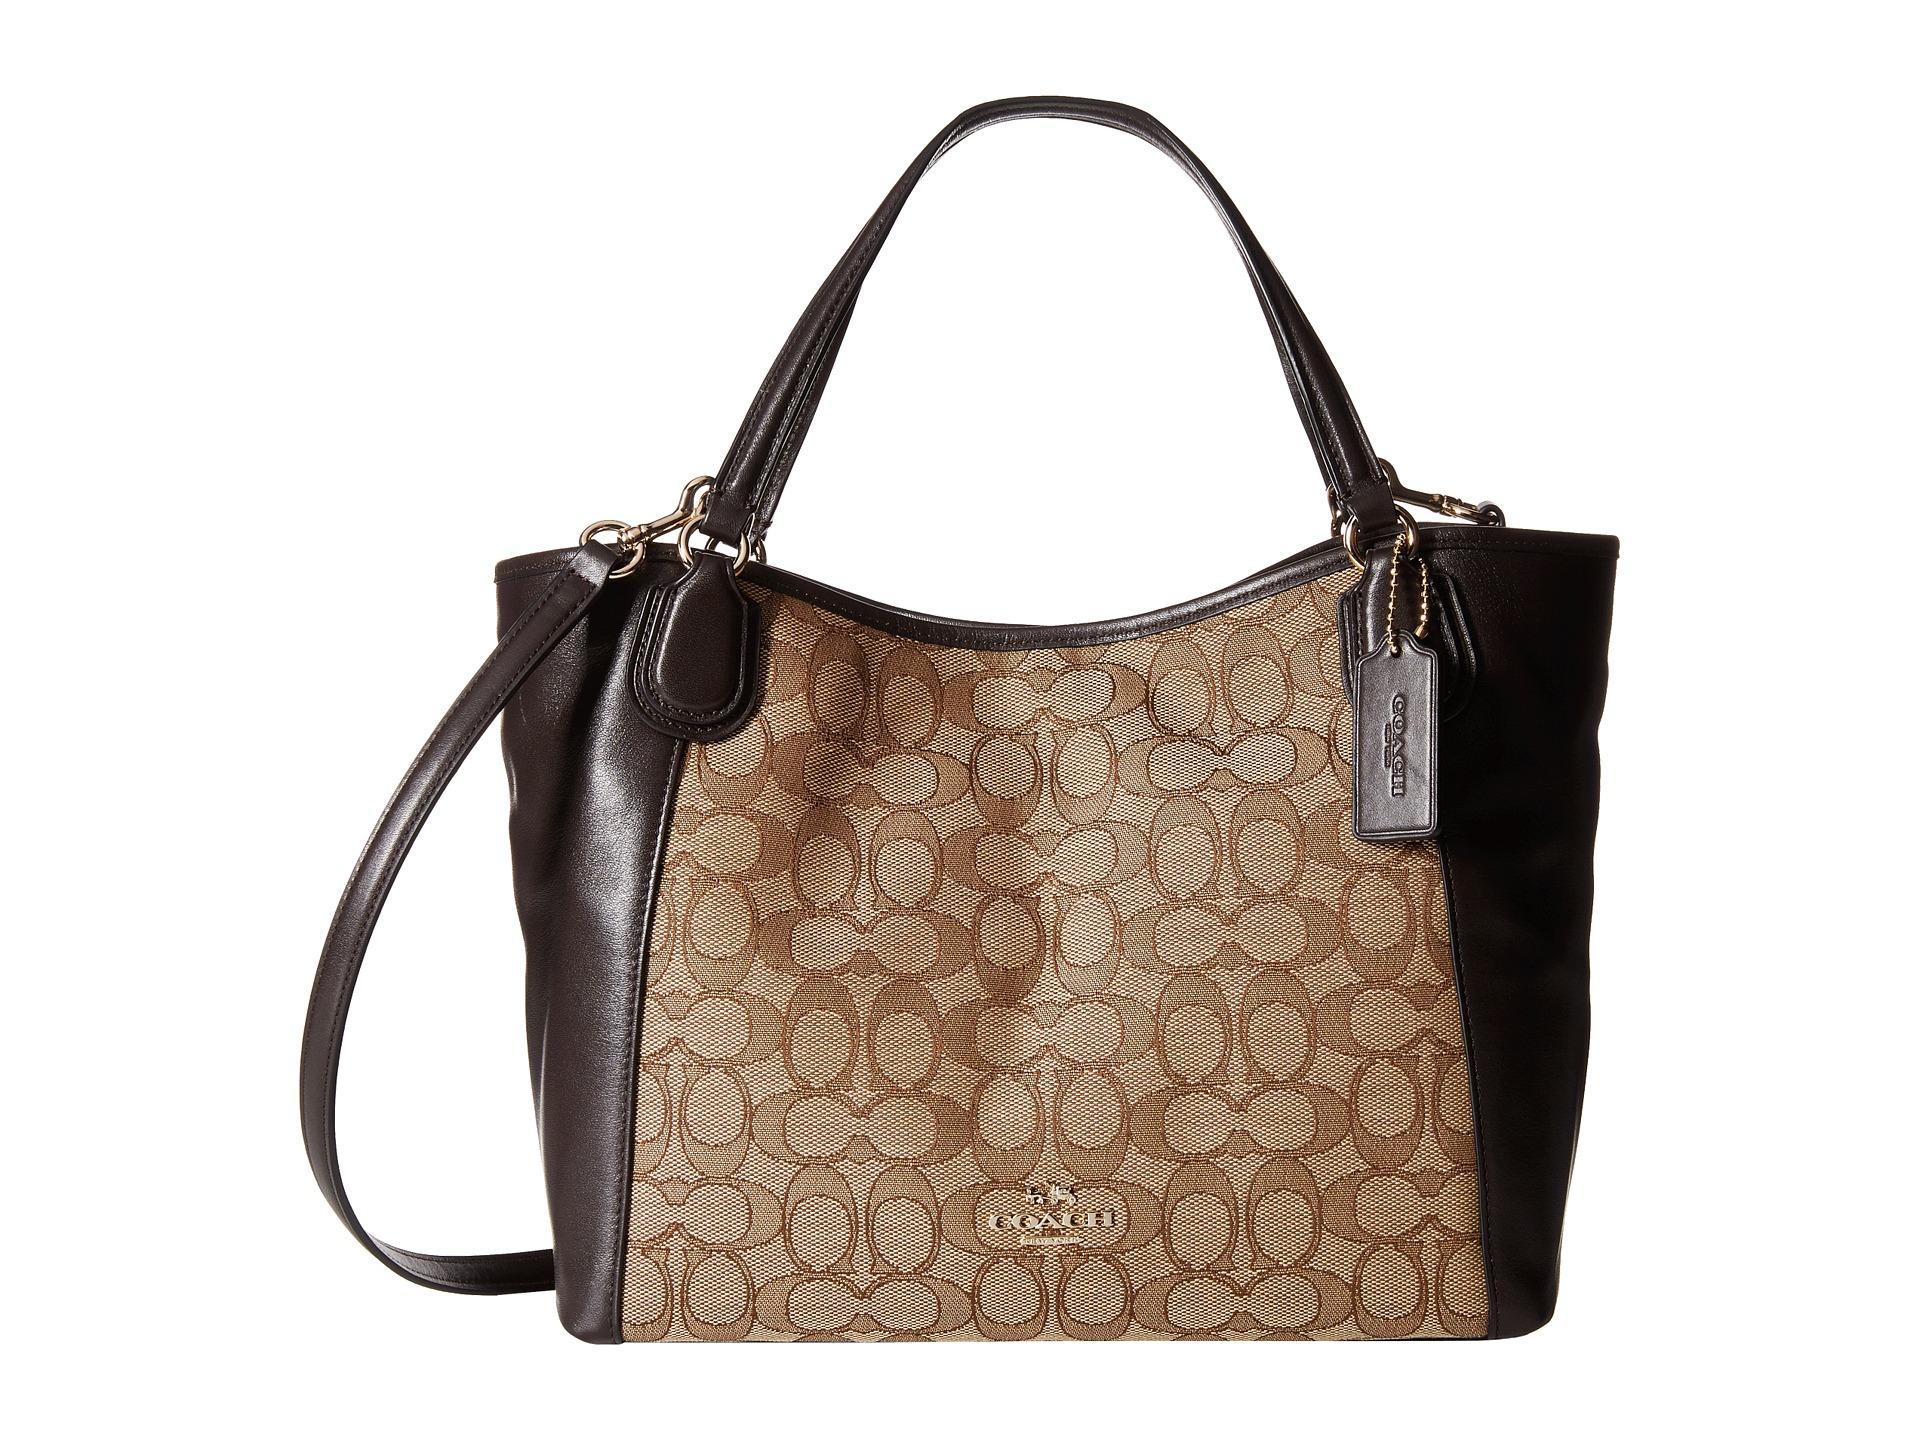 Lyst - COACH Signature Edie 28 Shoulder Bag in Brown 997a8f35b8